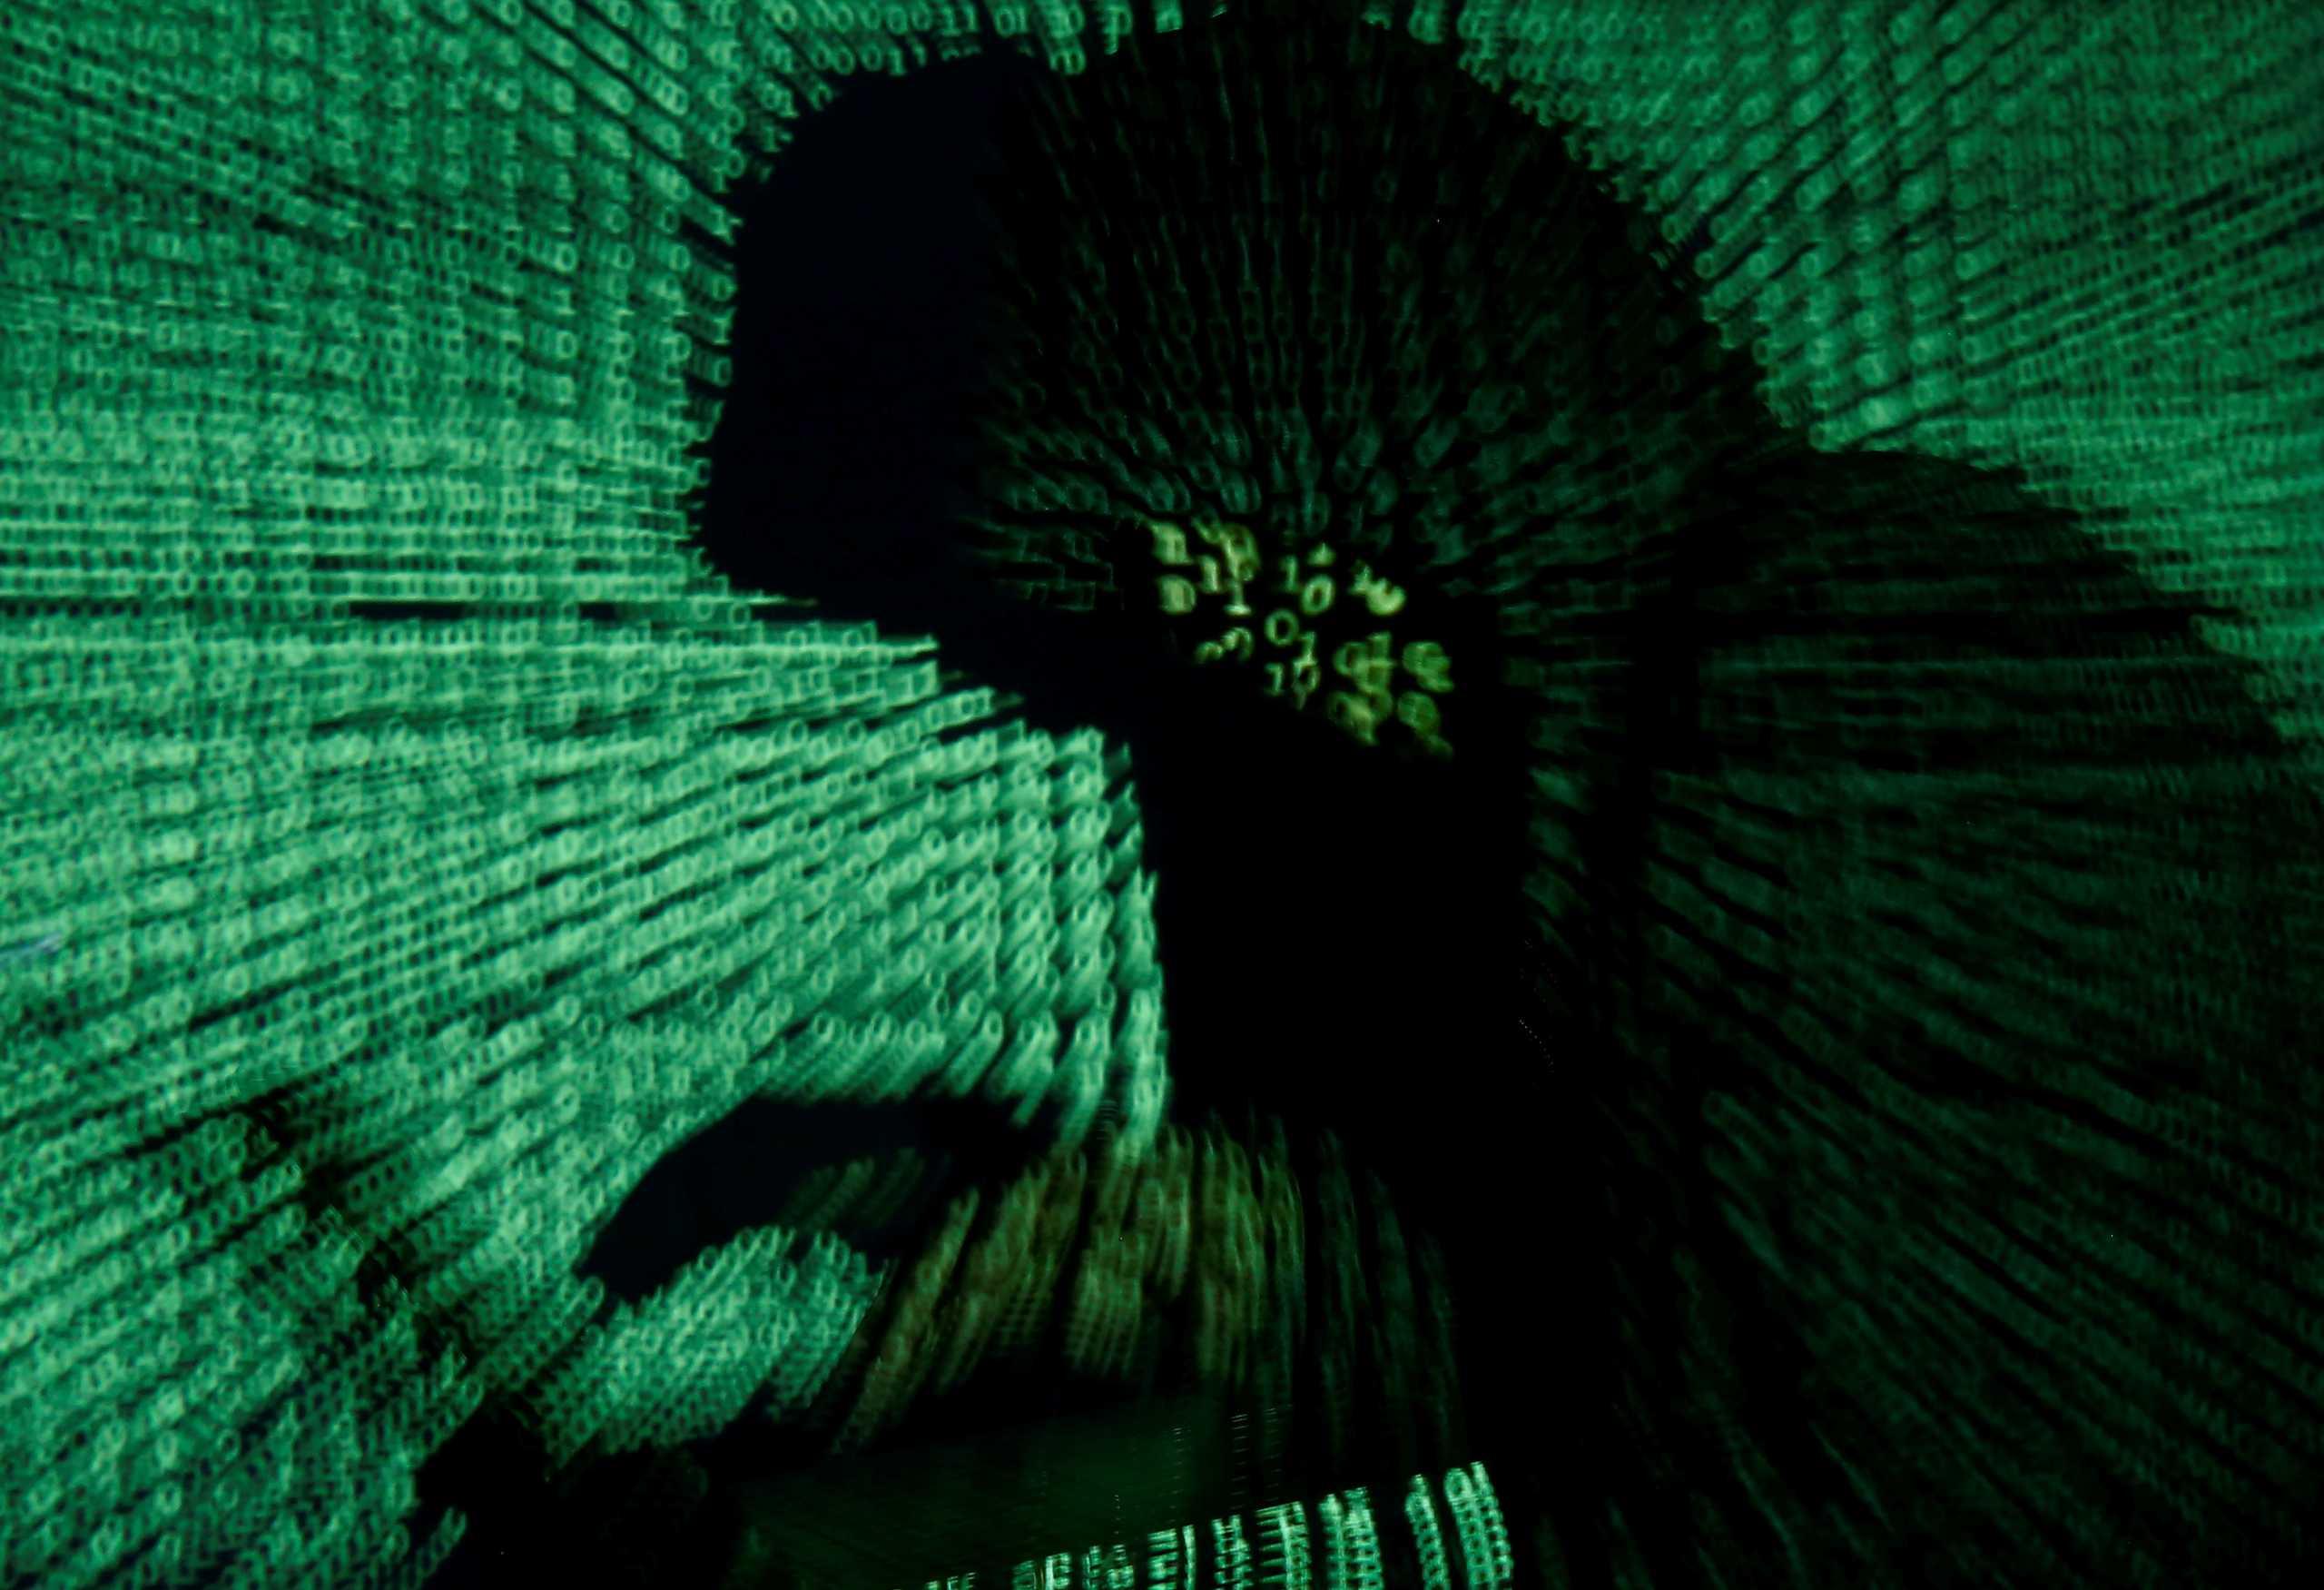 Βρετανία: «Οι υπηρεσίες πληροφοριών παραβίασαν τα ανθρώπινα δικαιώματα με τις μαζικές παρακολουθήσεις»